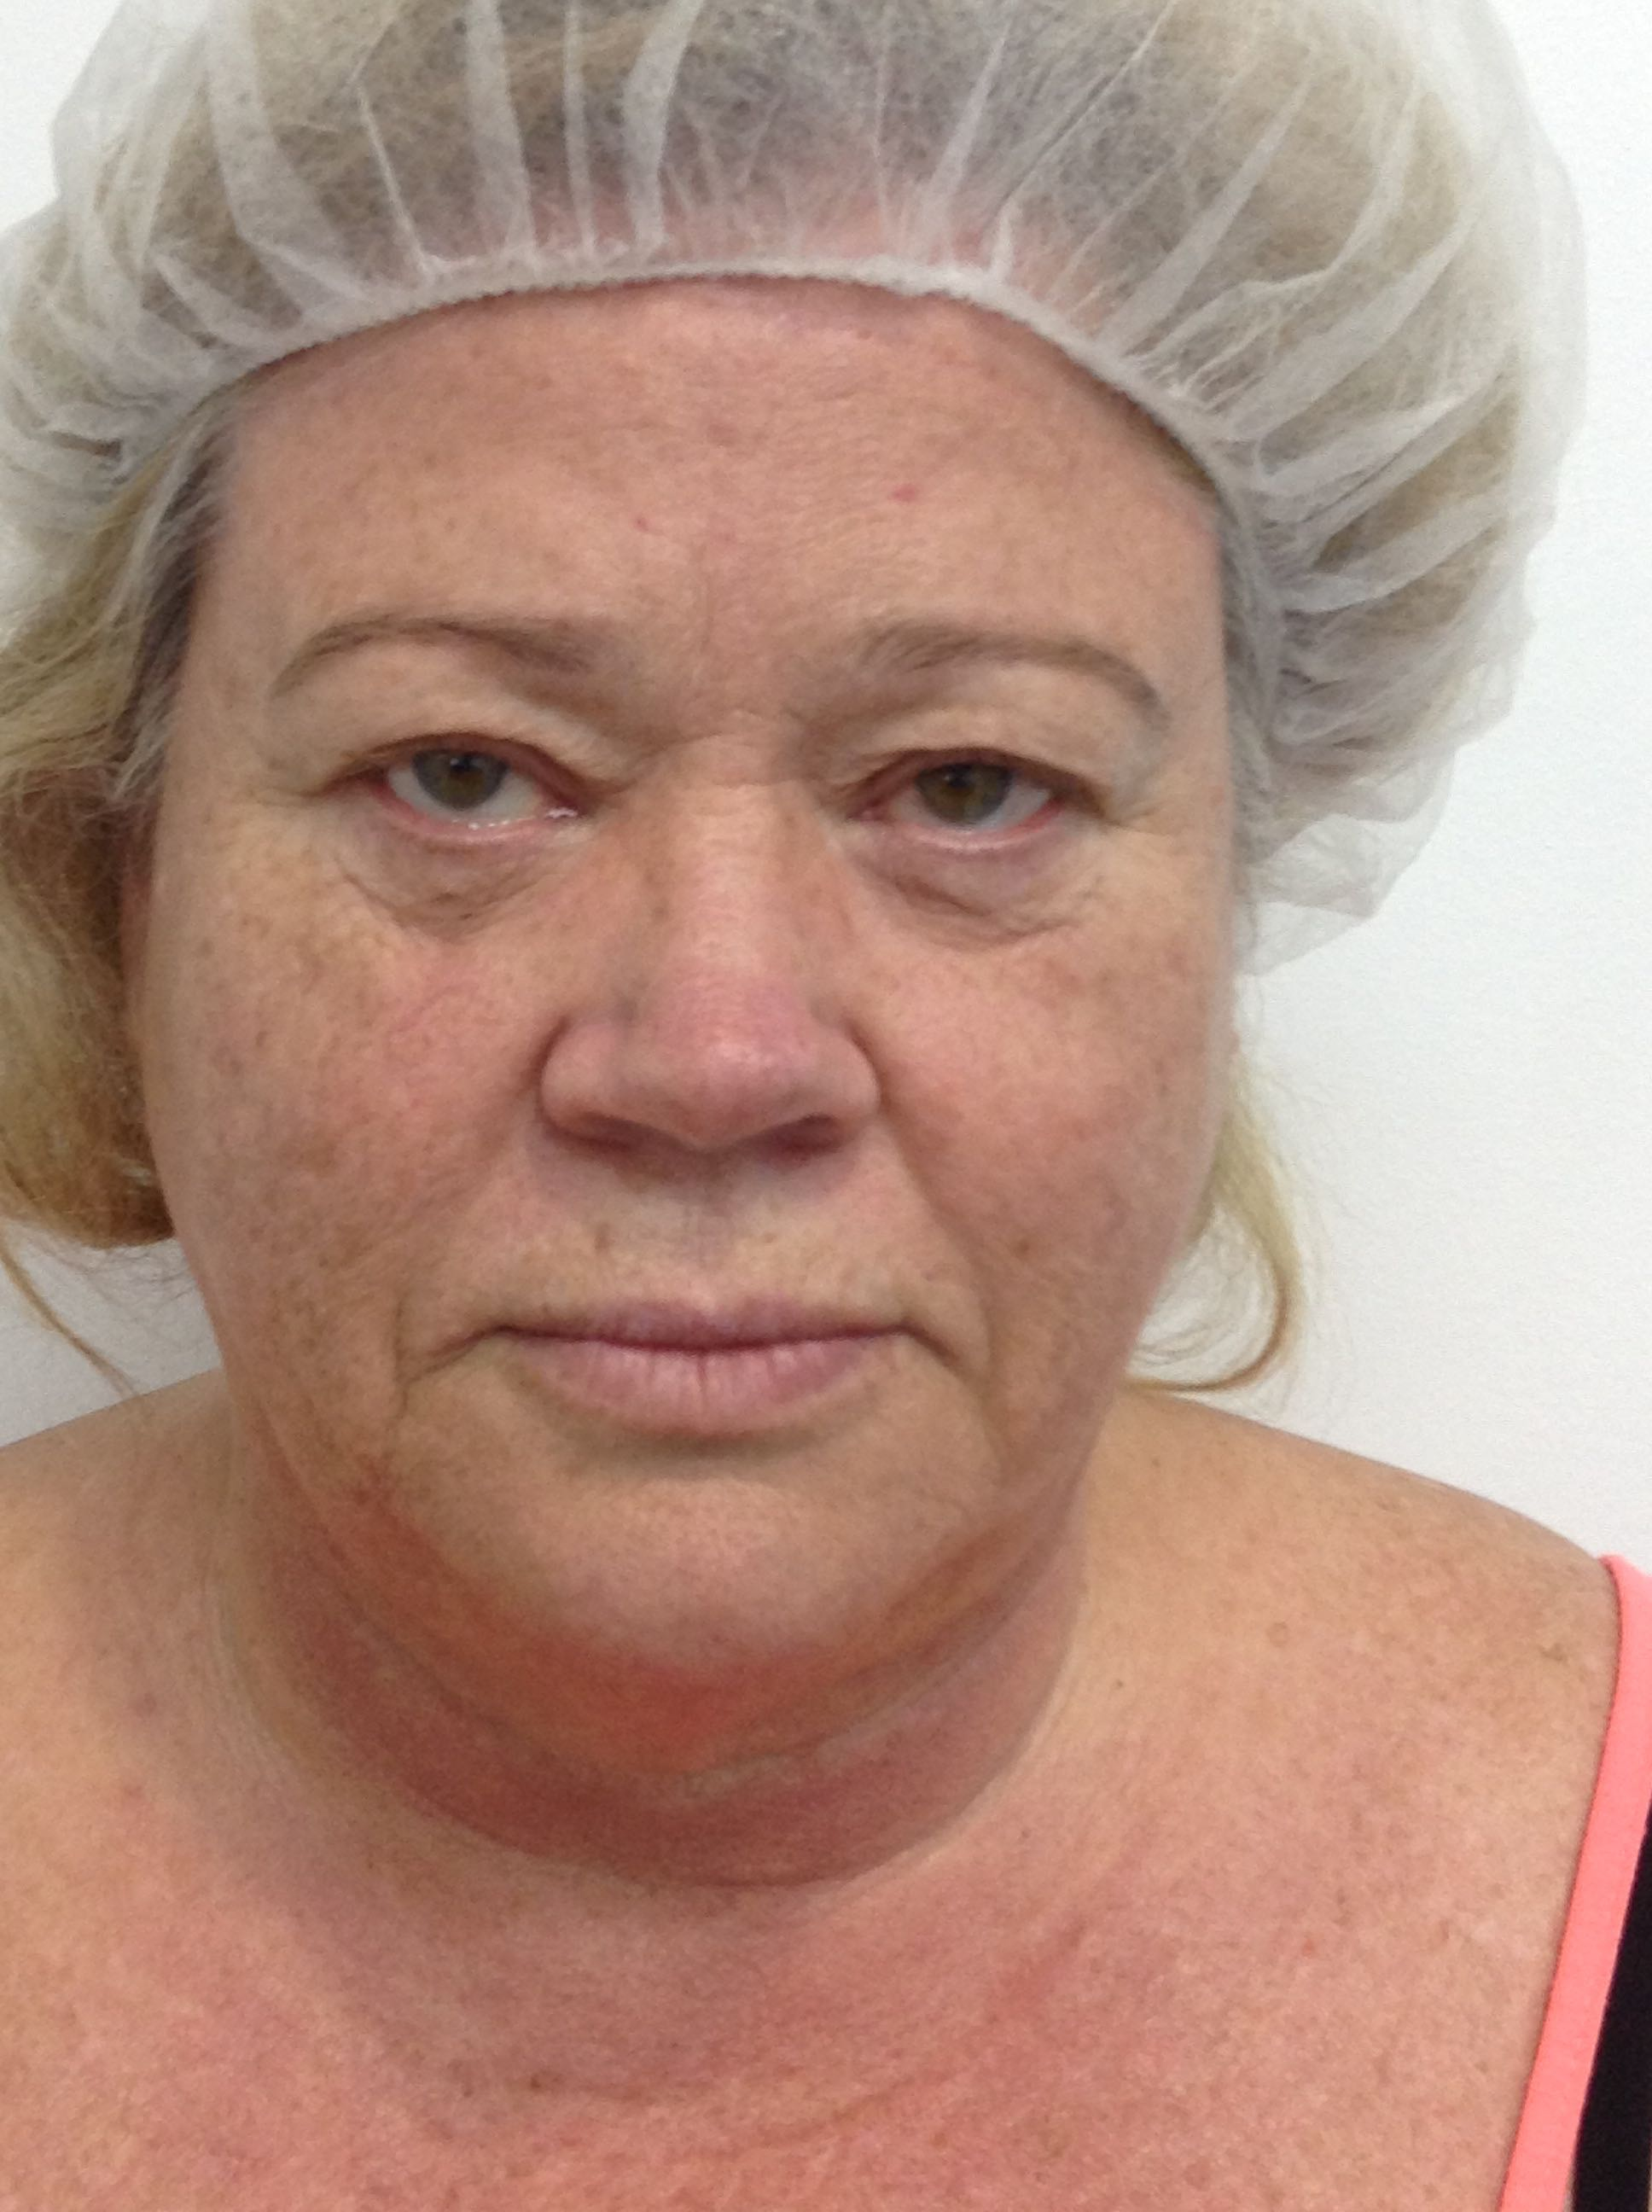 Blepharoplasty / Eyelid Surgery – Brisbane Cosmetic Clinic